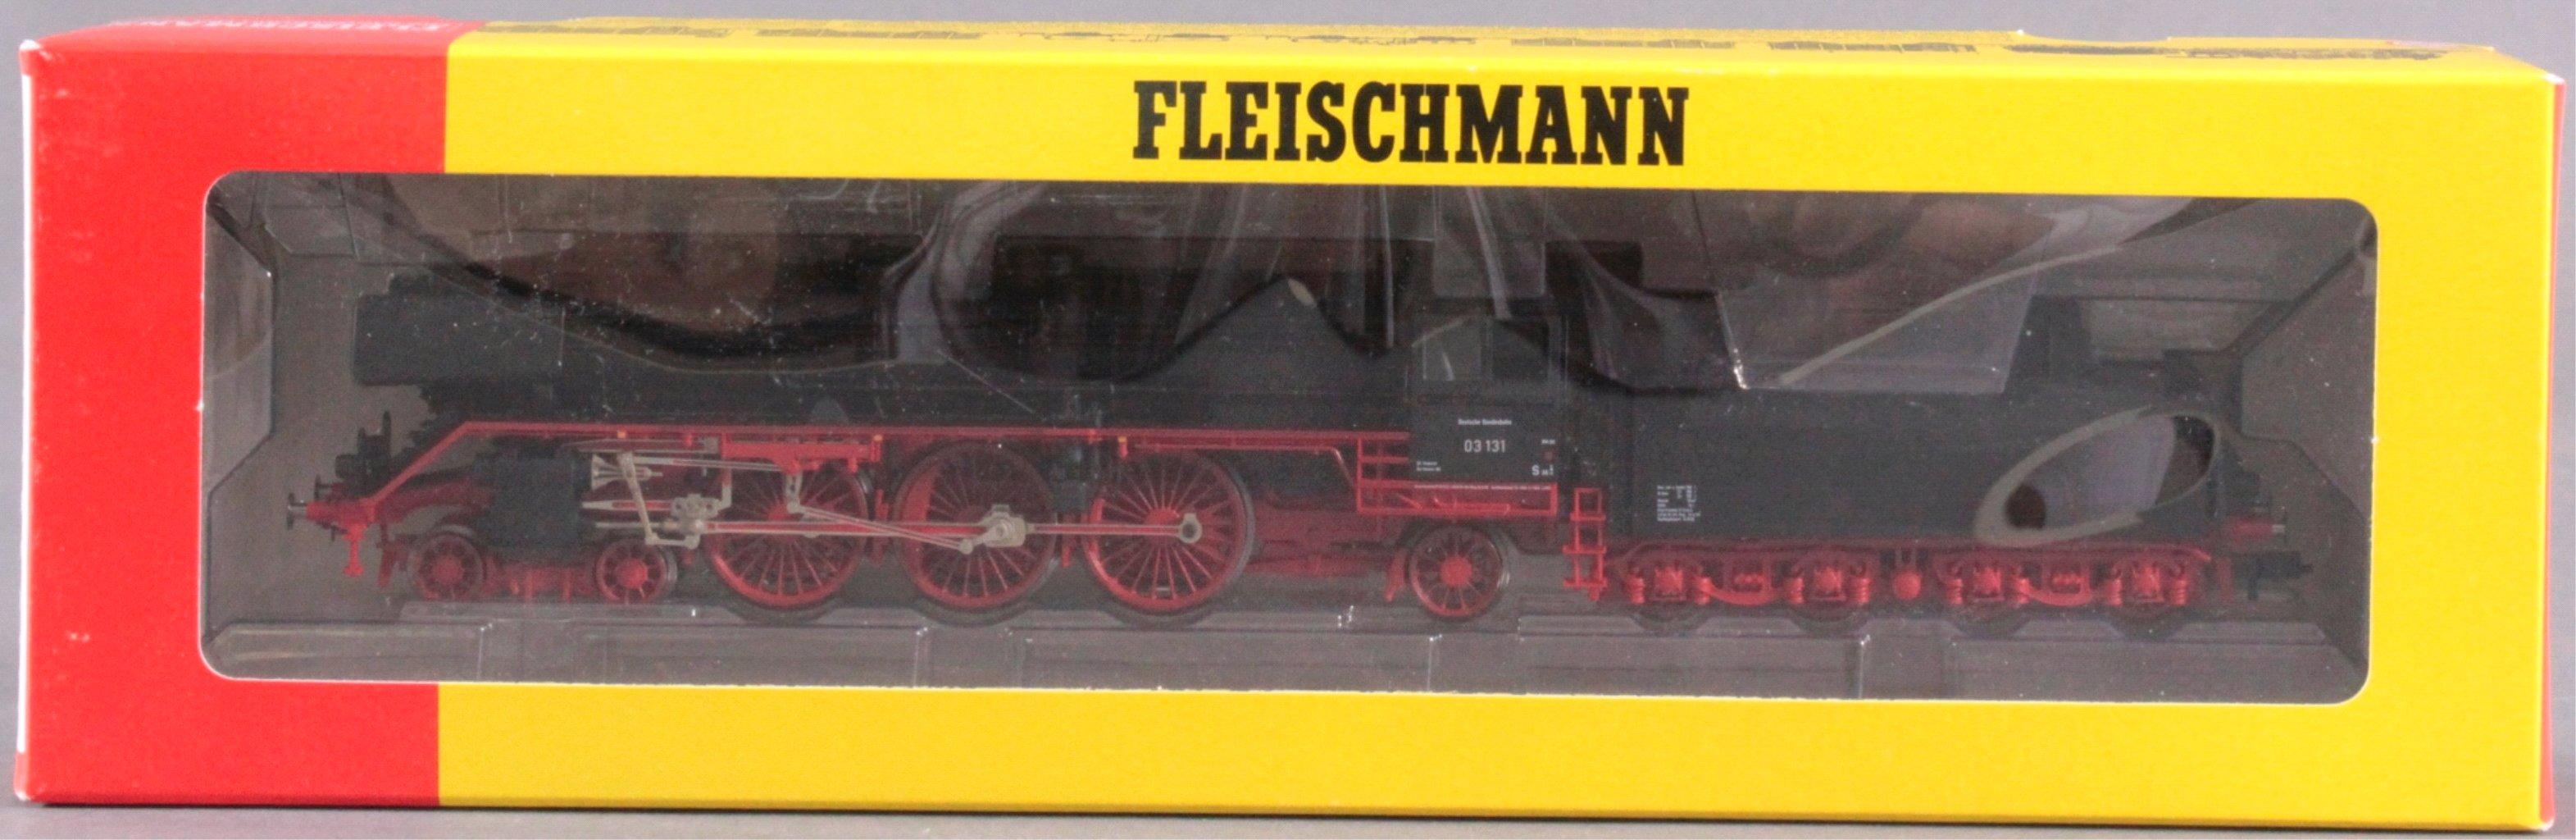 Fleischmann Dampflok mit Tender 4102 BR 03 131 Spur H0-2